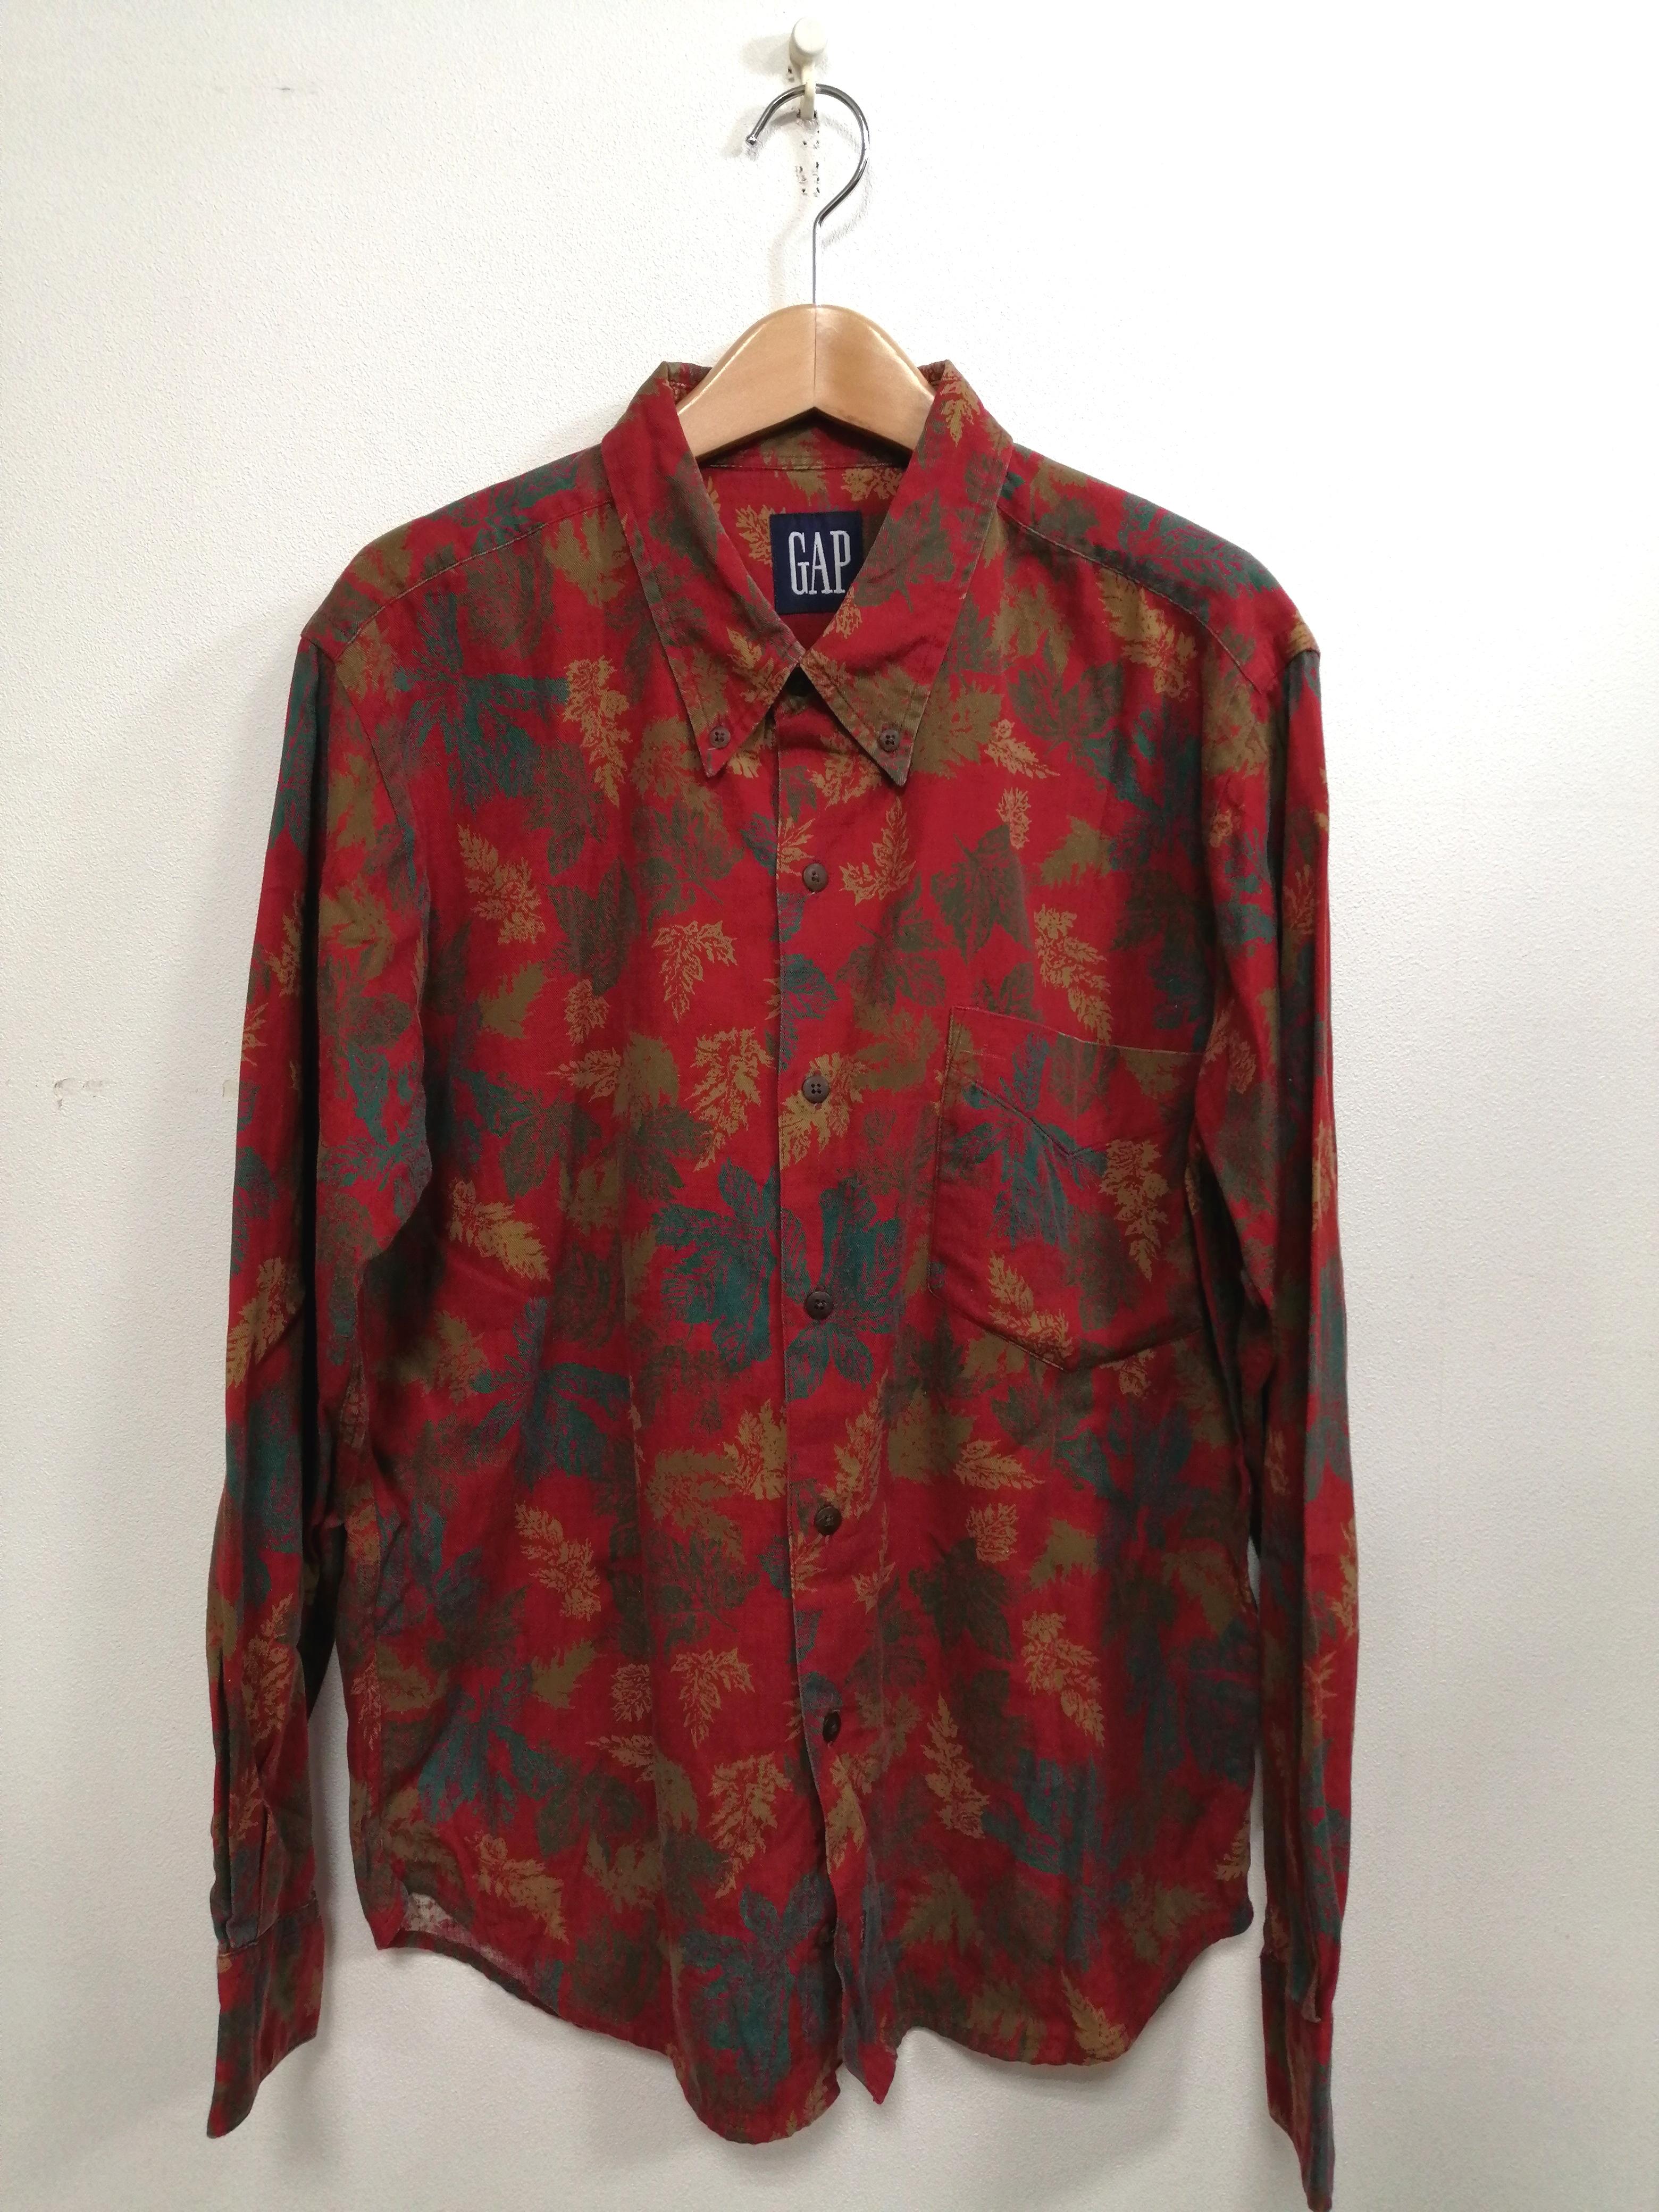 総柄リーフシャツ OLD GAP